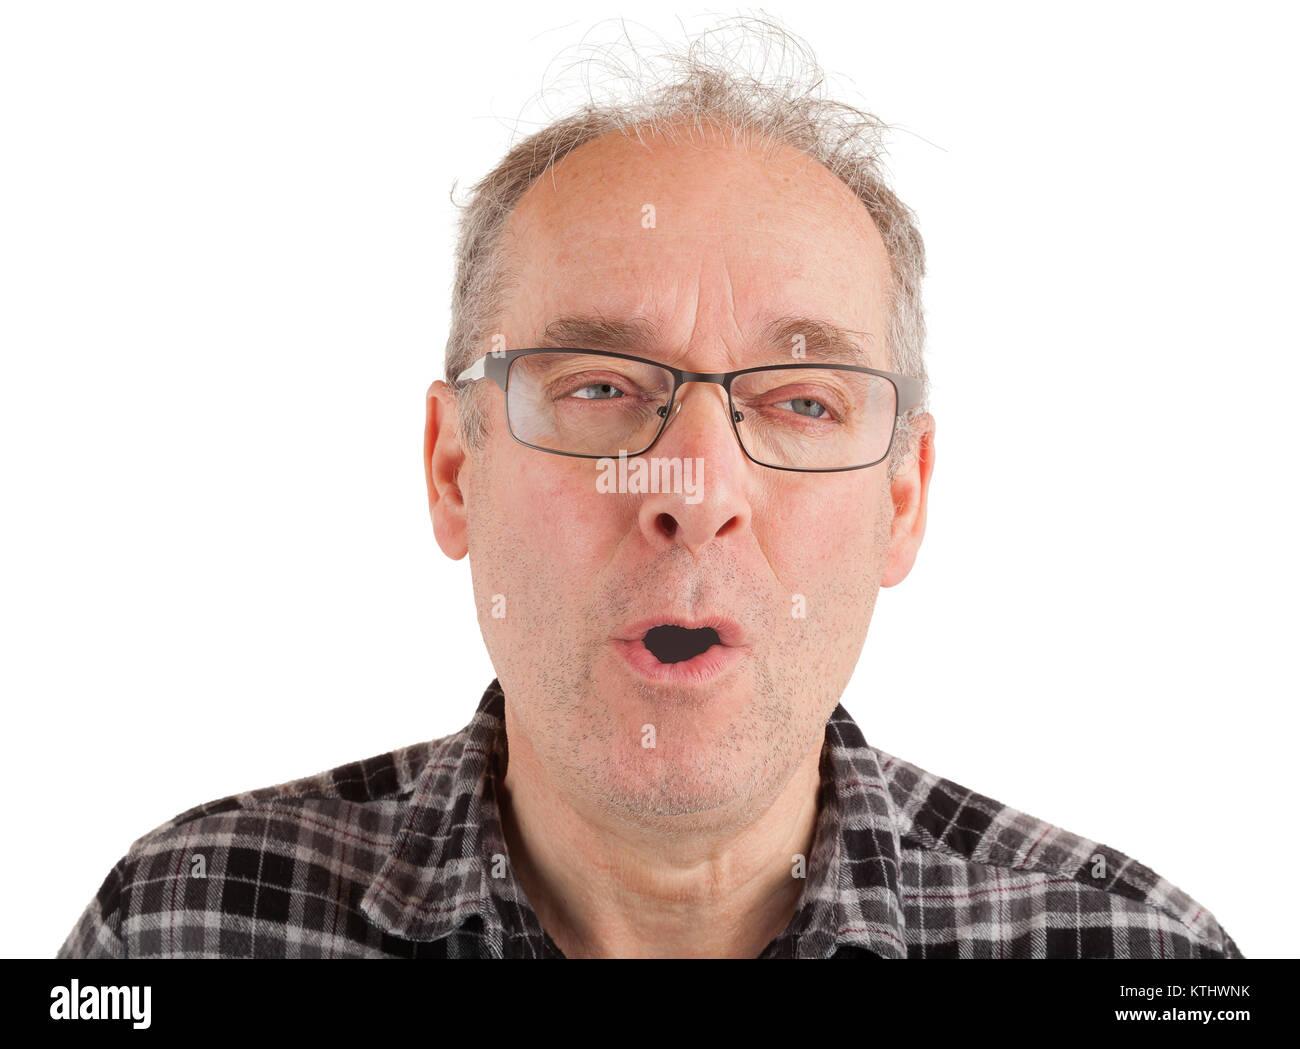 L'homme menace quelqu'un Photo Stock